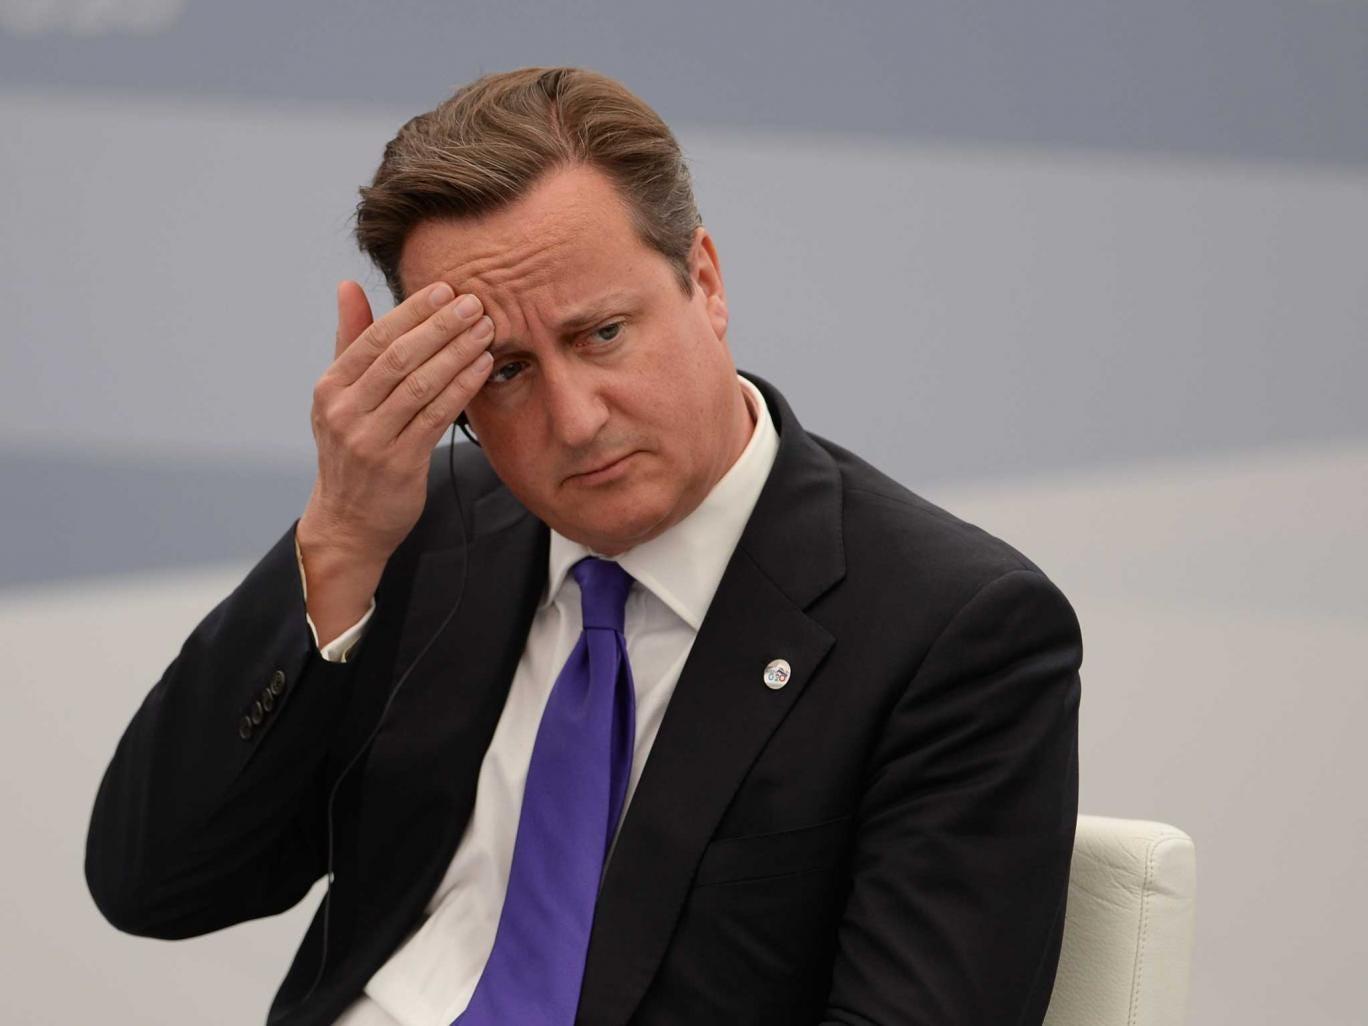 David Cameron at the G20 summit